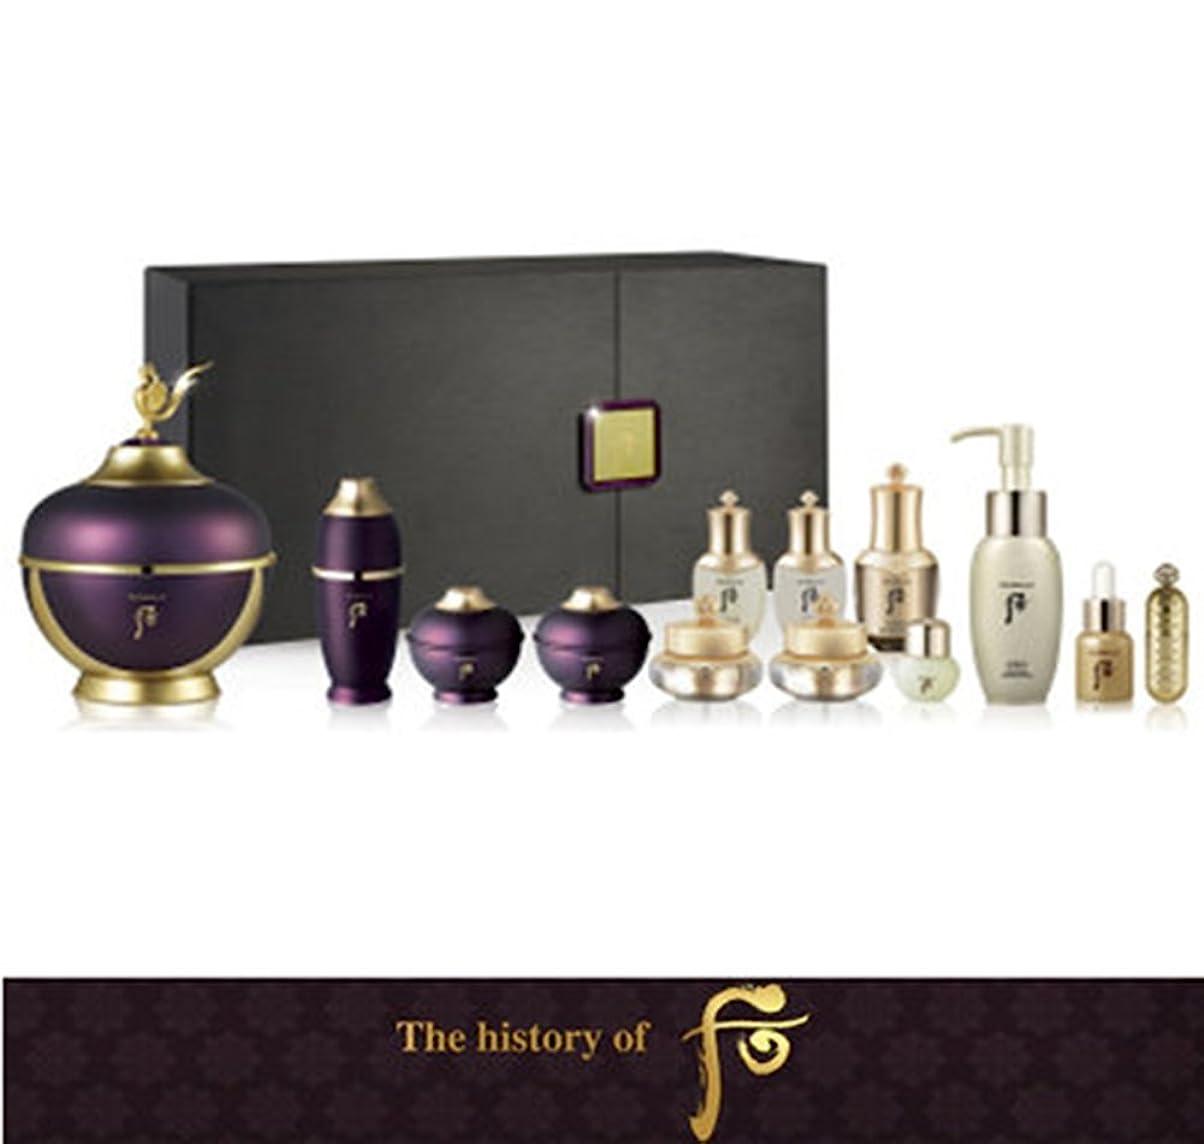 【フー/The history of whoo] Whoo后 Hwanyu Cream Special Limited Set/后(フー)よりヒストリー?オブ?後環ユーゴクリーム60ml スペシャル限定版セット +[Sample Gift](海外直送品)